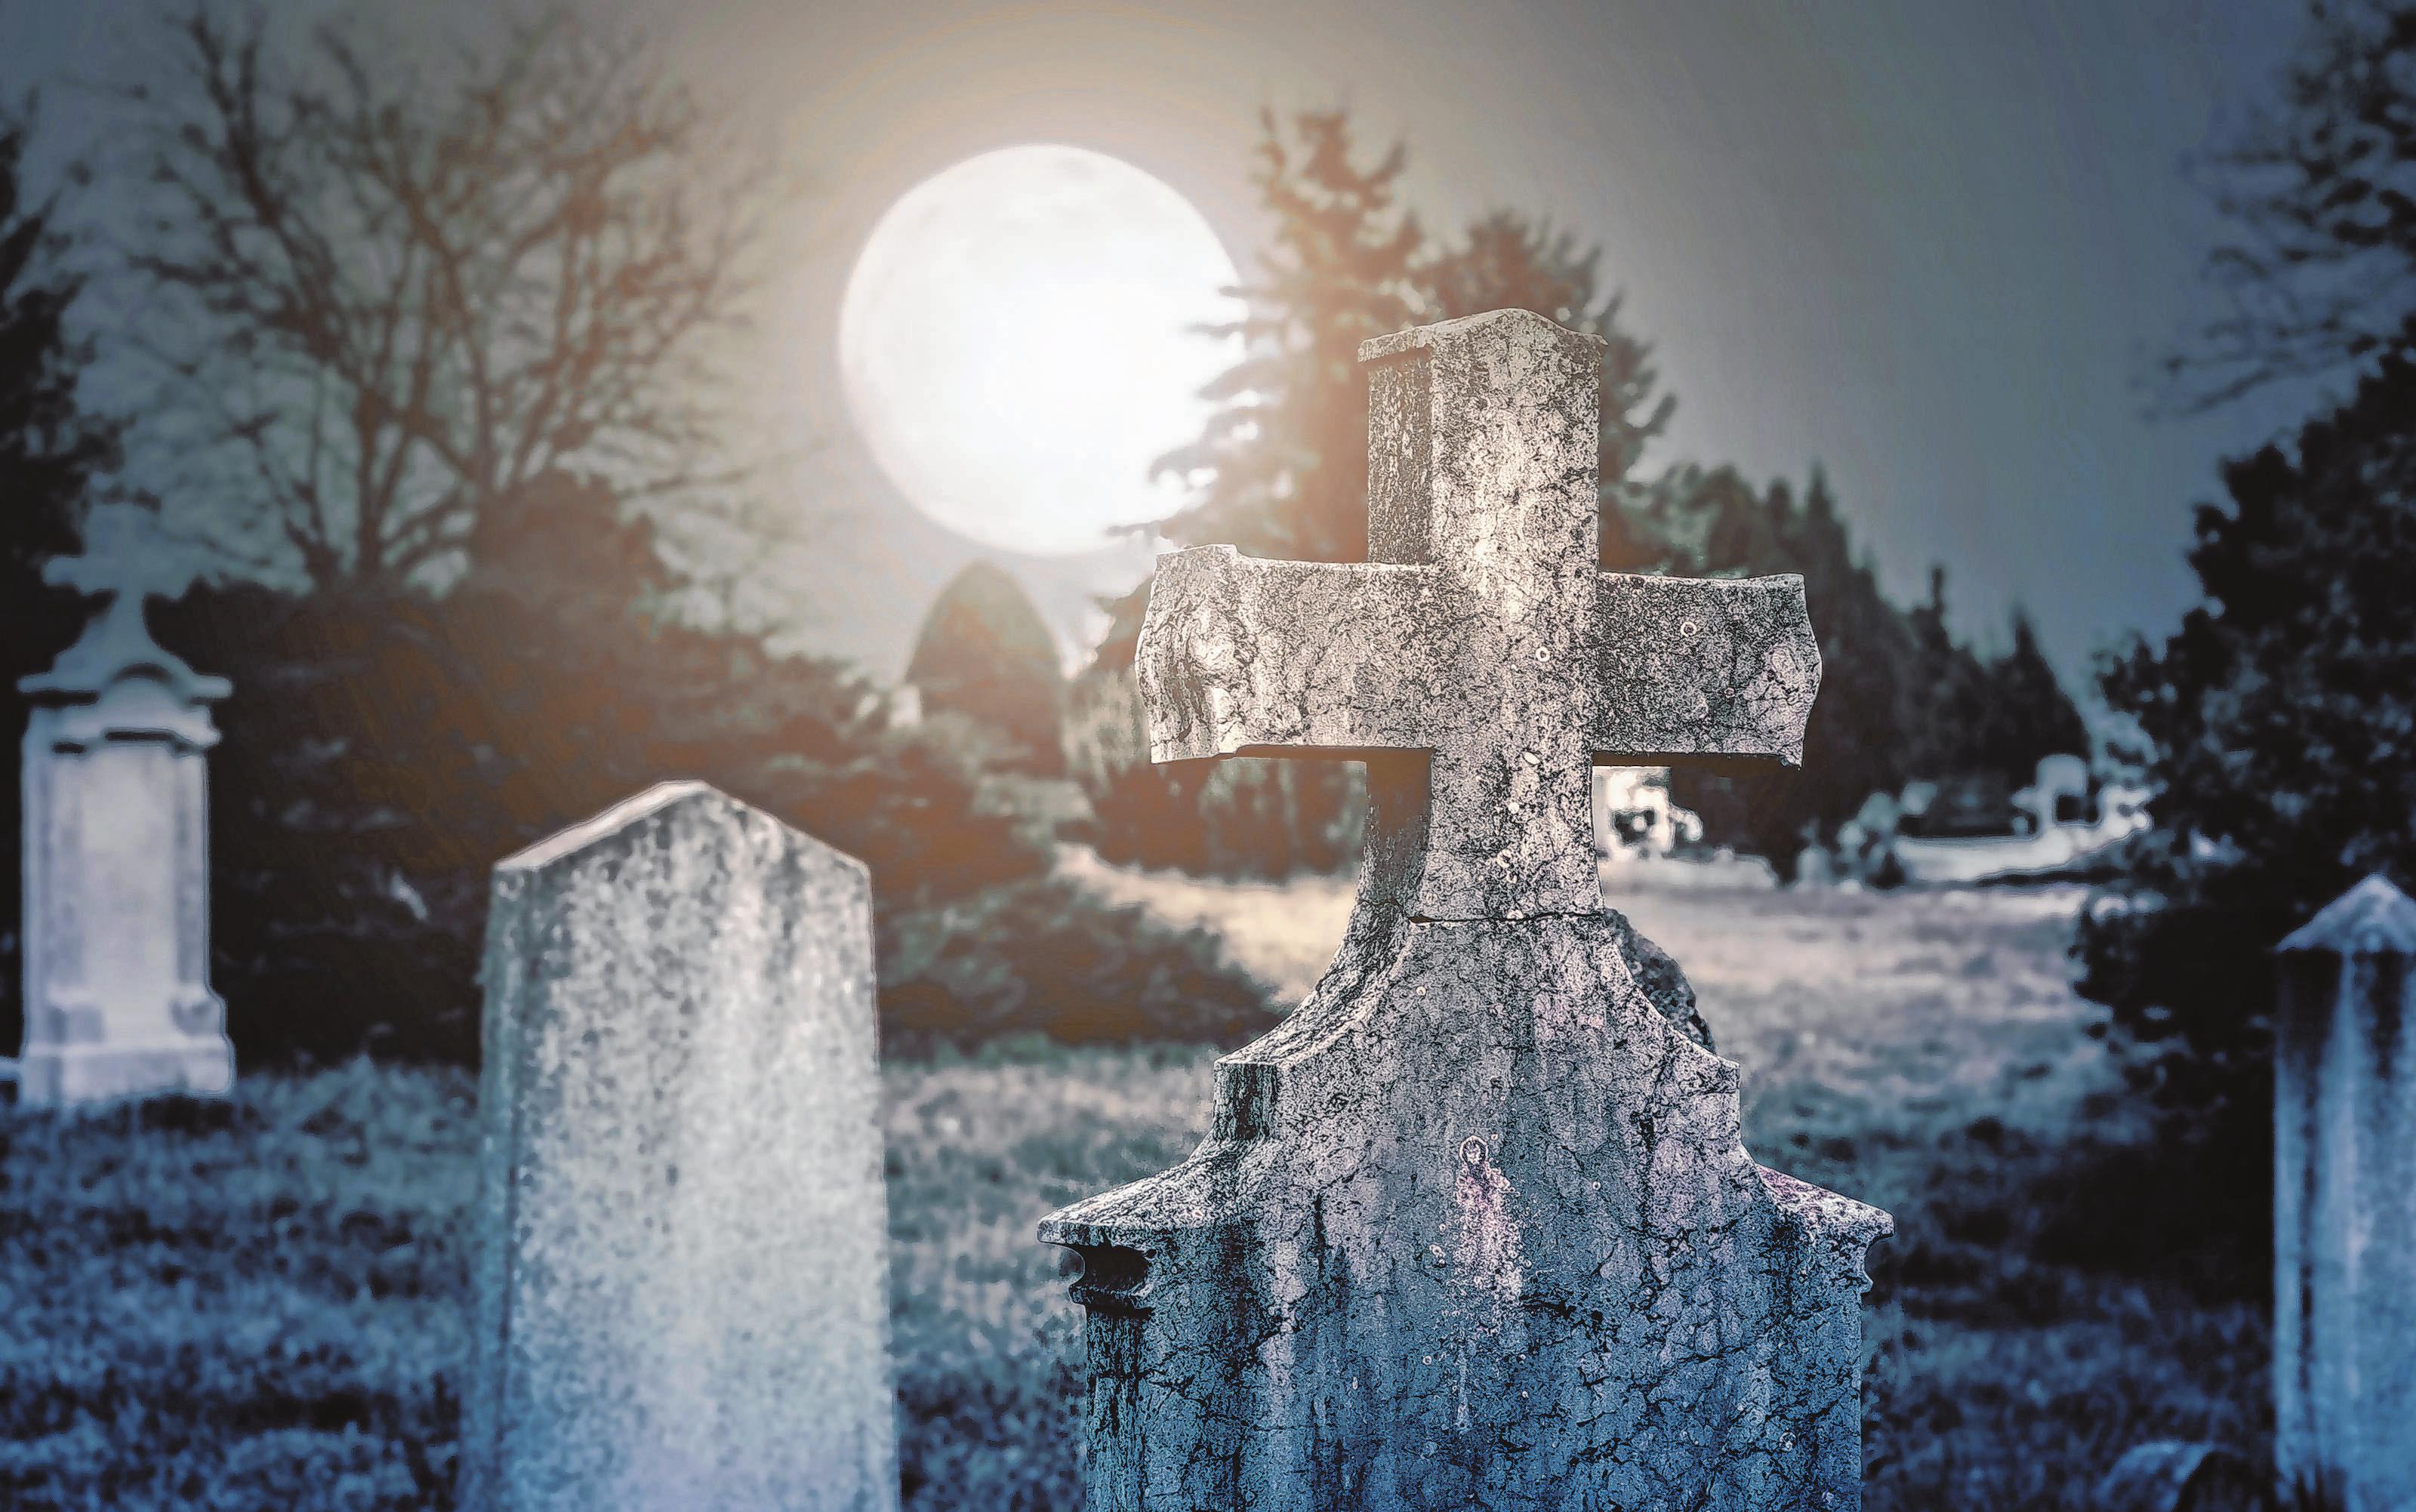 Mit dem aufkommenden Christentum änderte sich der Begräbniskult. Nicht nur im Leben, auch im Tod wollten die Christen als Gemeinschaft vereint auf den jüngsten Tag der Auferstehung warten. Foto: Dark Moon Pictures/shutterstock.de